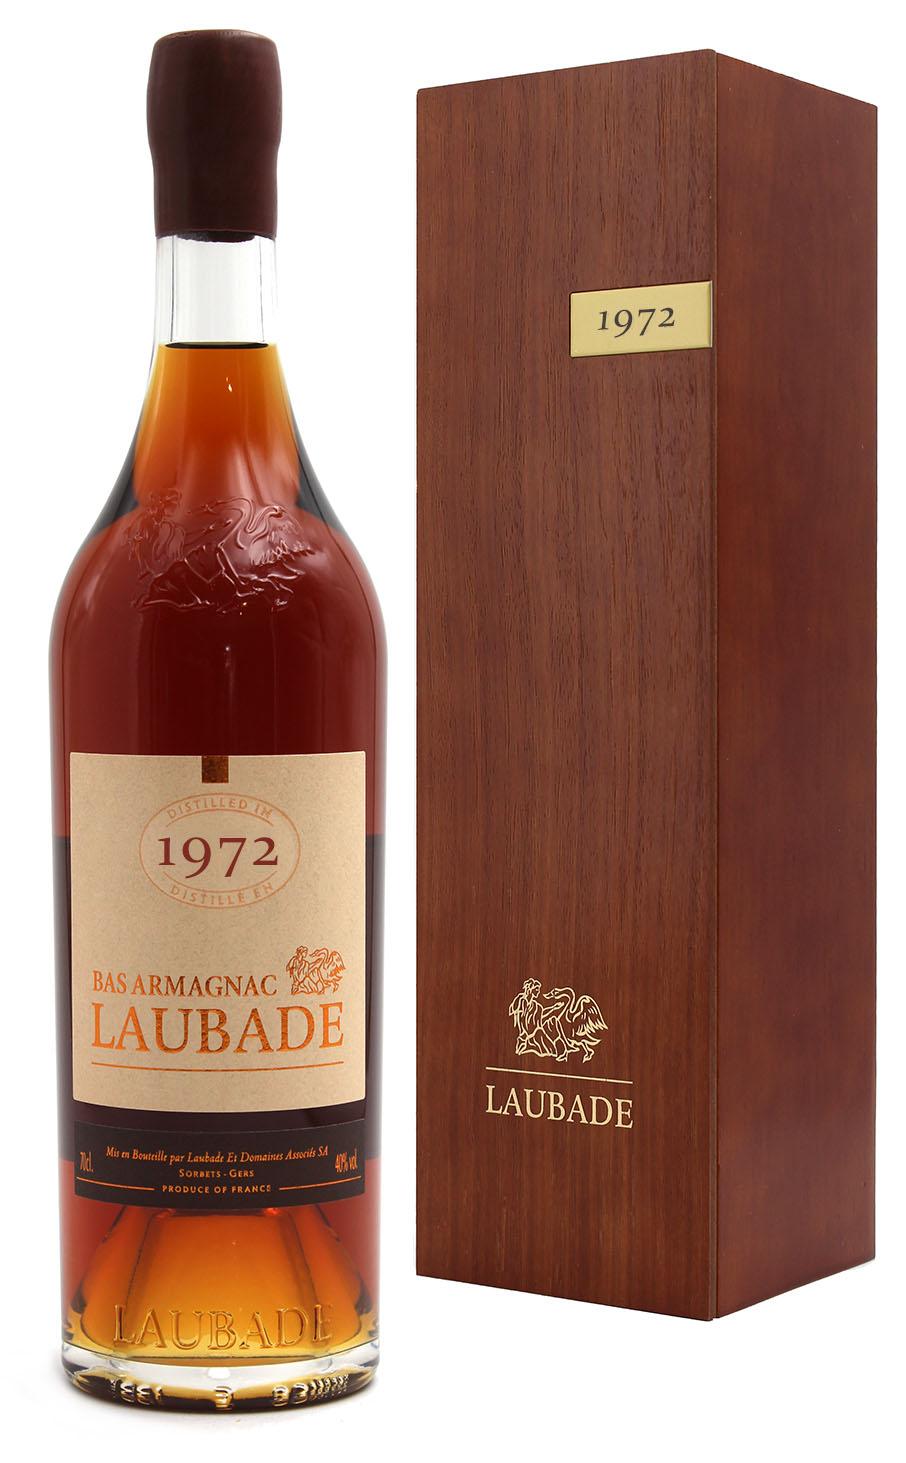 Bas Armagnac Laubade 1972  - 70cl